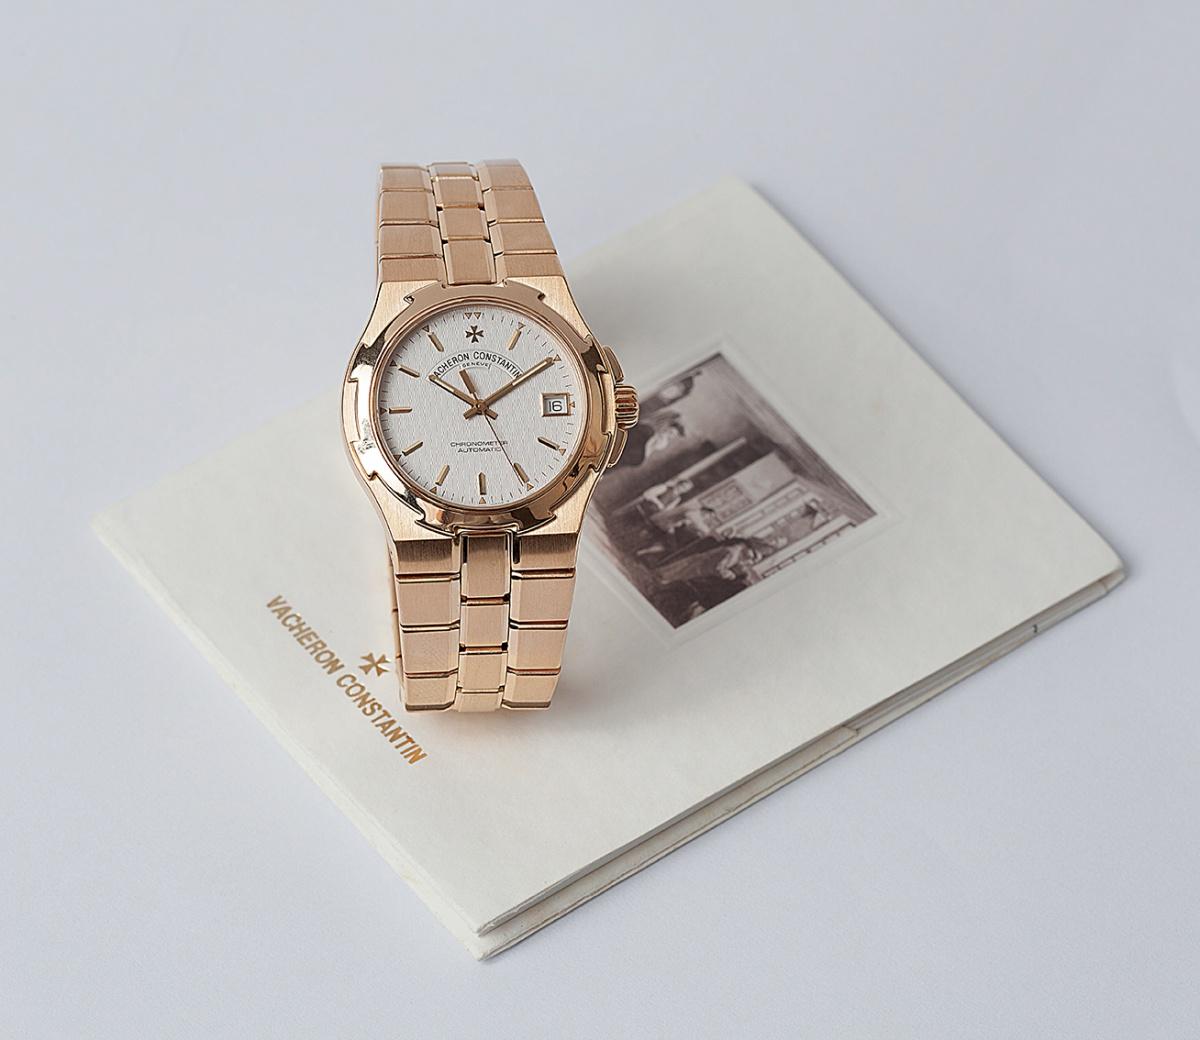 2518e8434f3 Relógio Vacheron Constantin Overseas